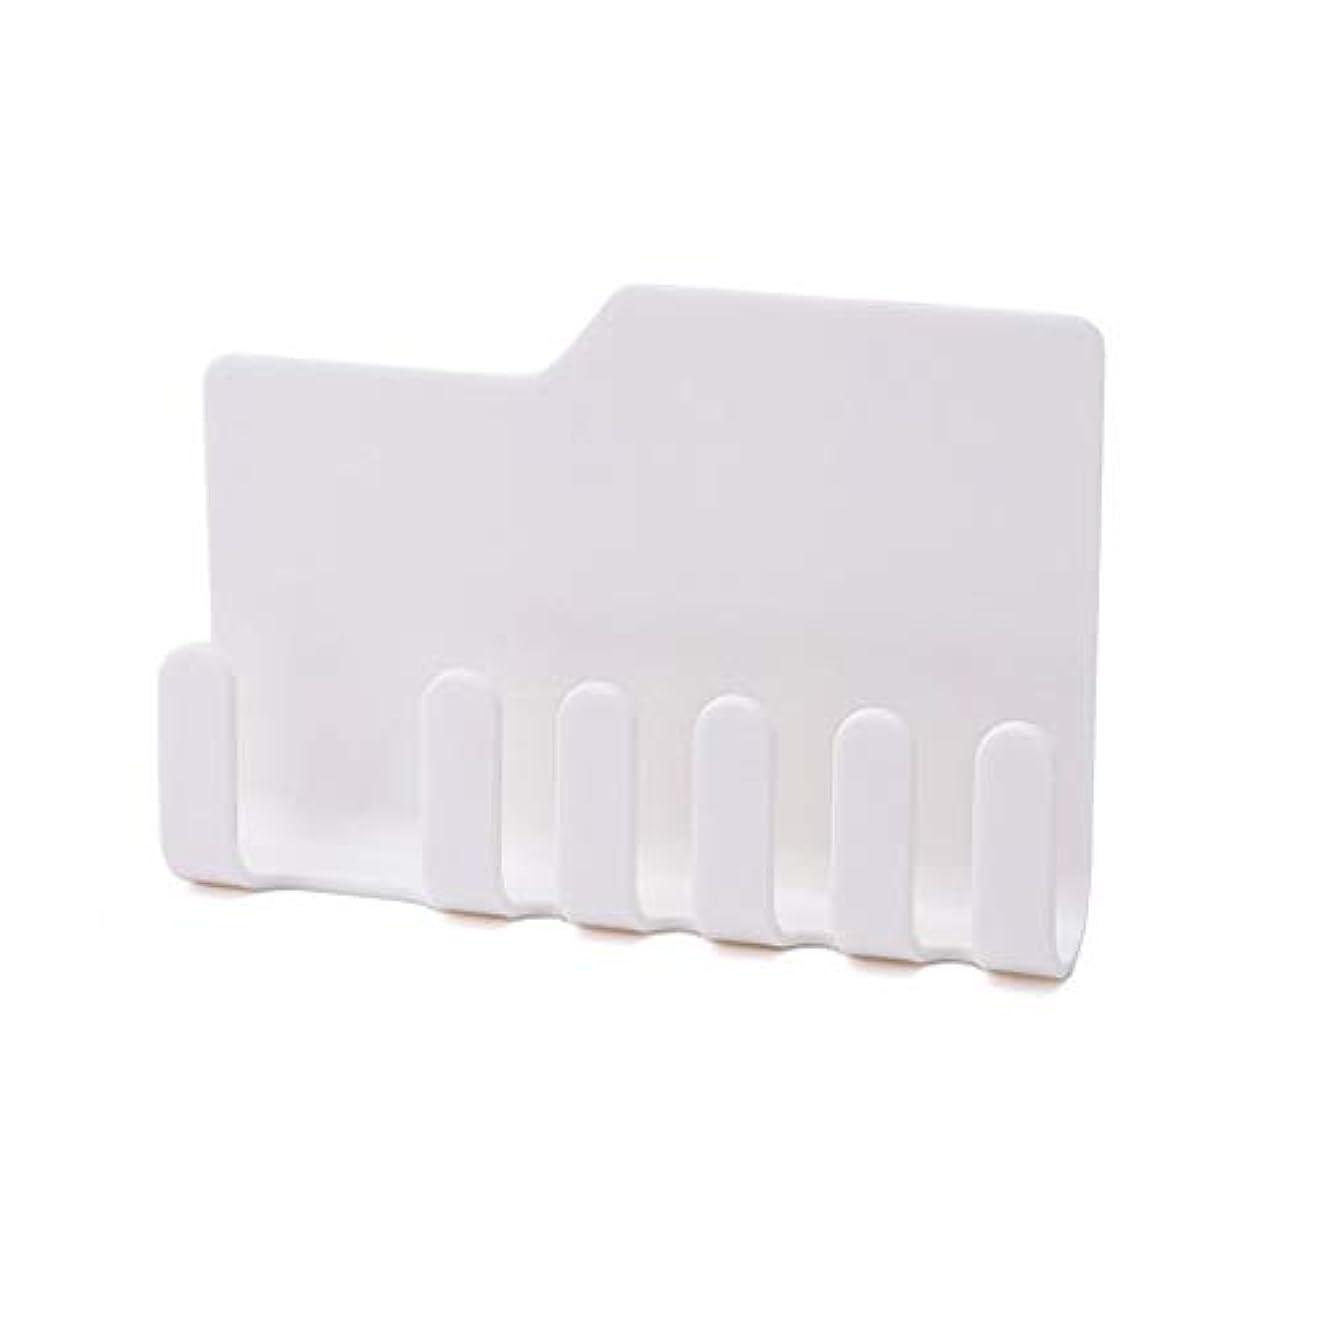 平らな気をつけて副壁はルーム傘ステッカーウォールリビングマルチフレームをハンギングステッカー歯ブラシホルダー歯磨き粉をマウント